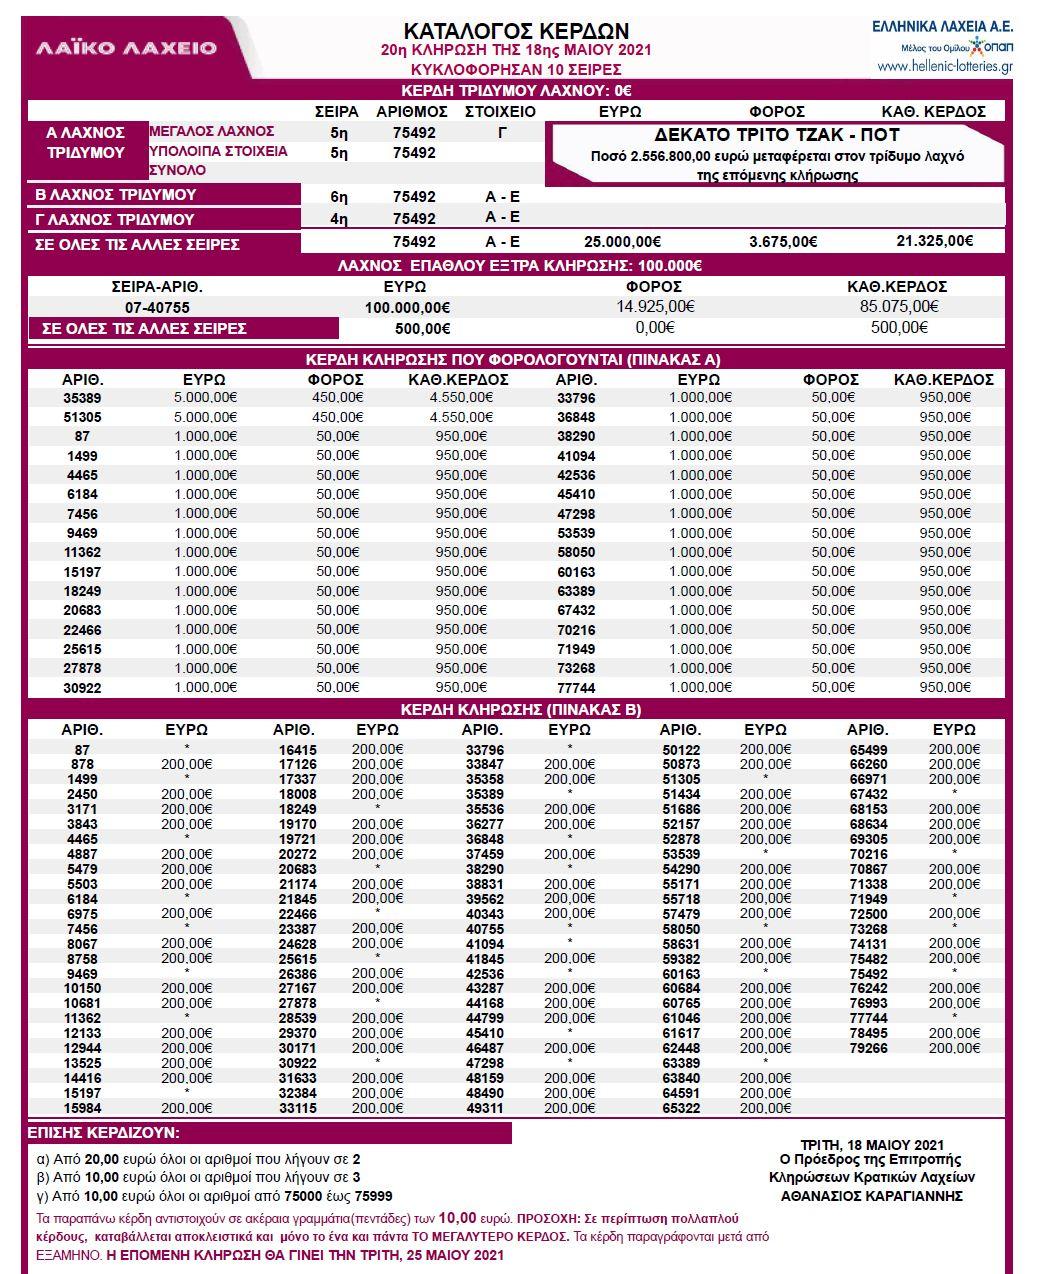 λαικο-λαχειο-18-5-21-κληρωση-λαικου-λαχειου-αποτελεσματα-λαικο-18-05-2021